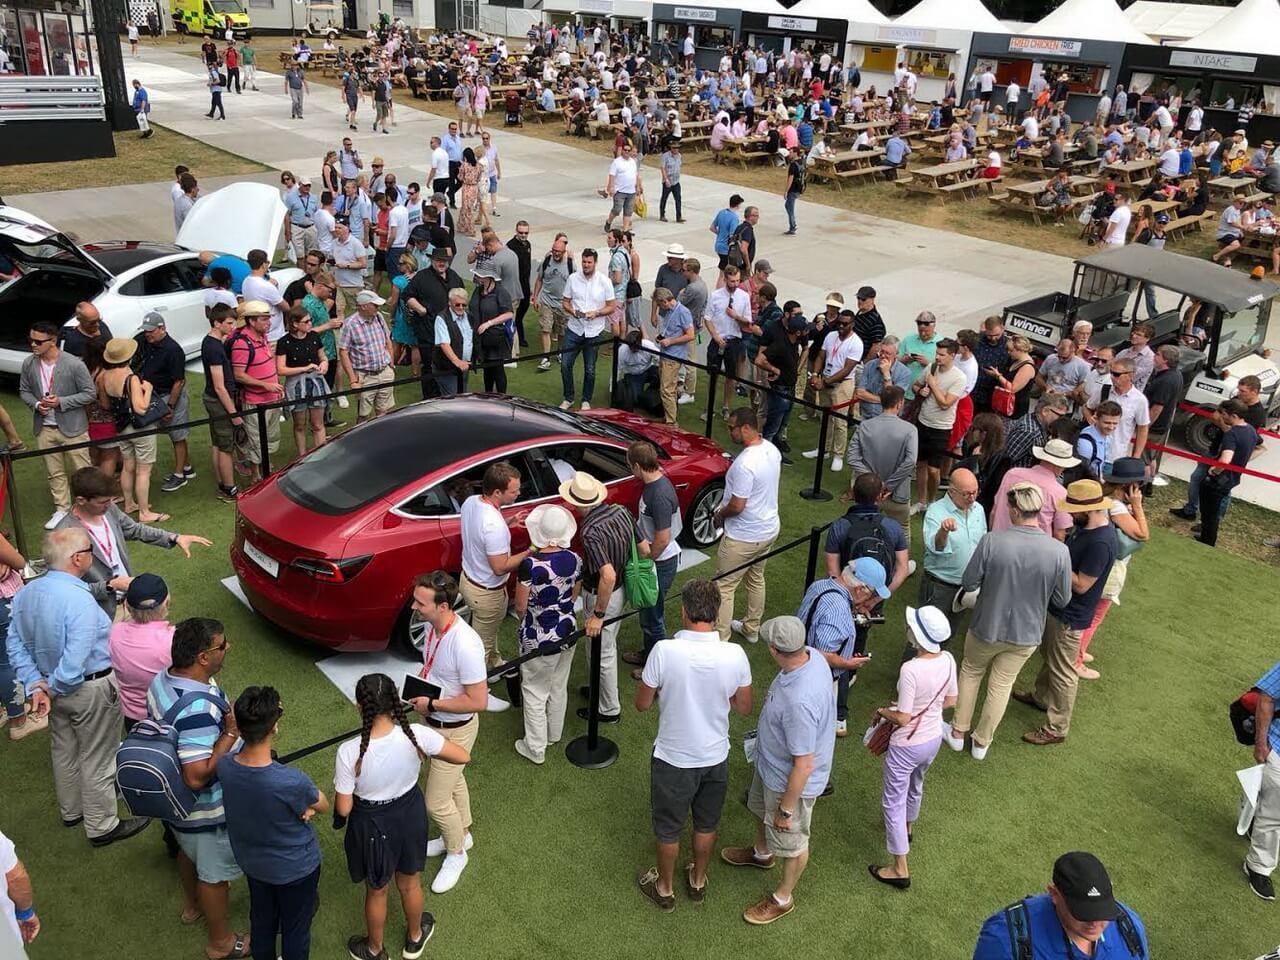 Tesla привезла Model 3в Європу врамках свого показу наФестивалі швидкості Гудвуда в2018 році